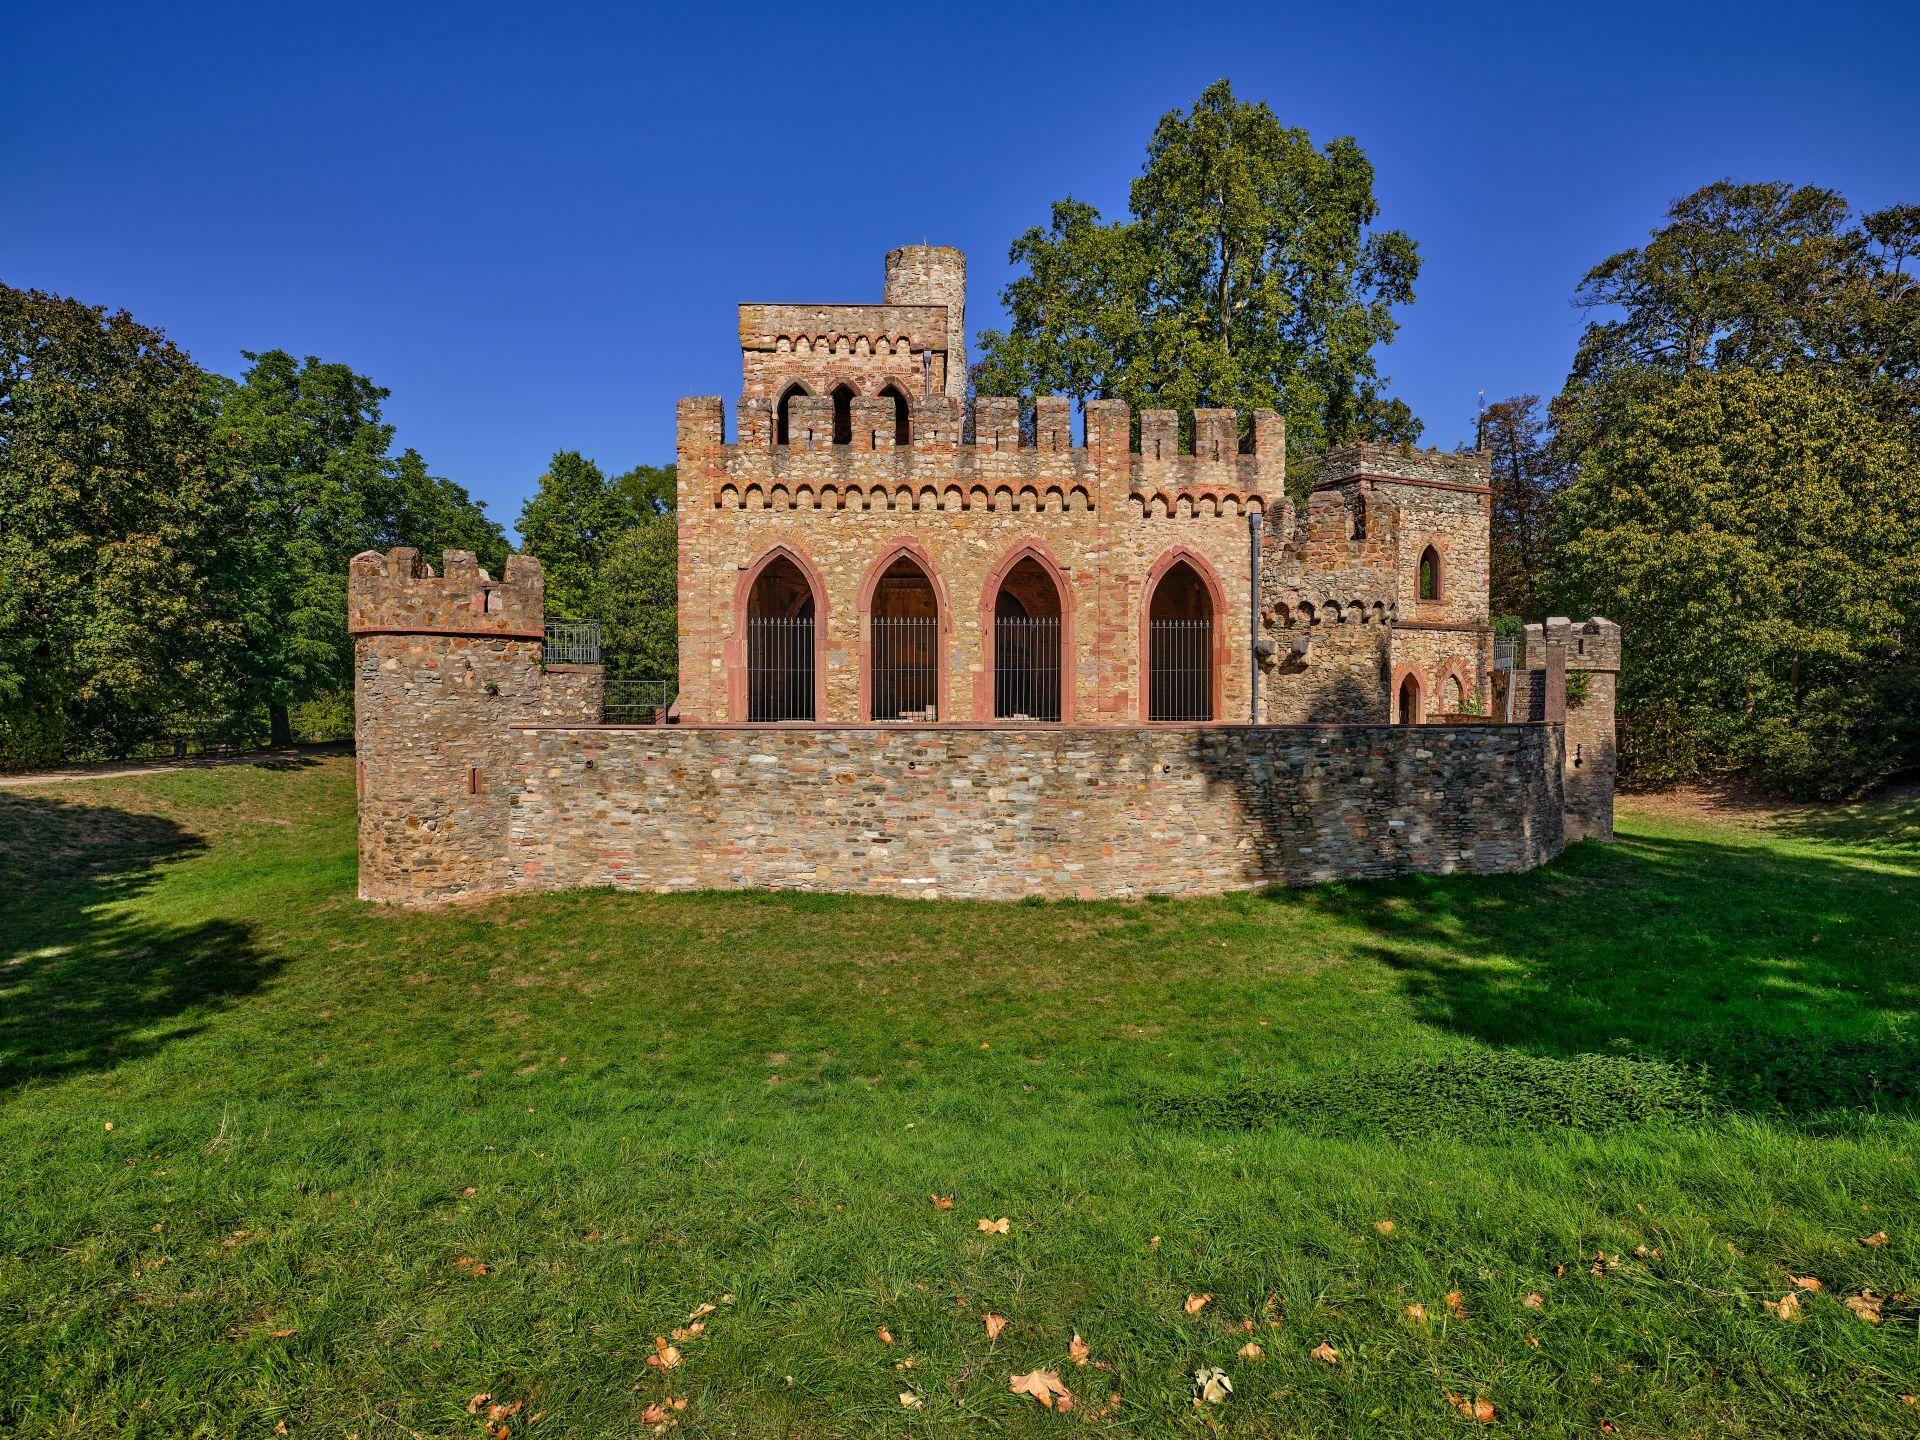 Burgruine - Schlosspark Biebrich